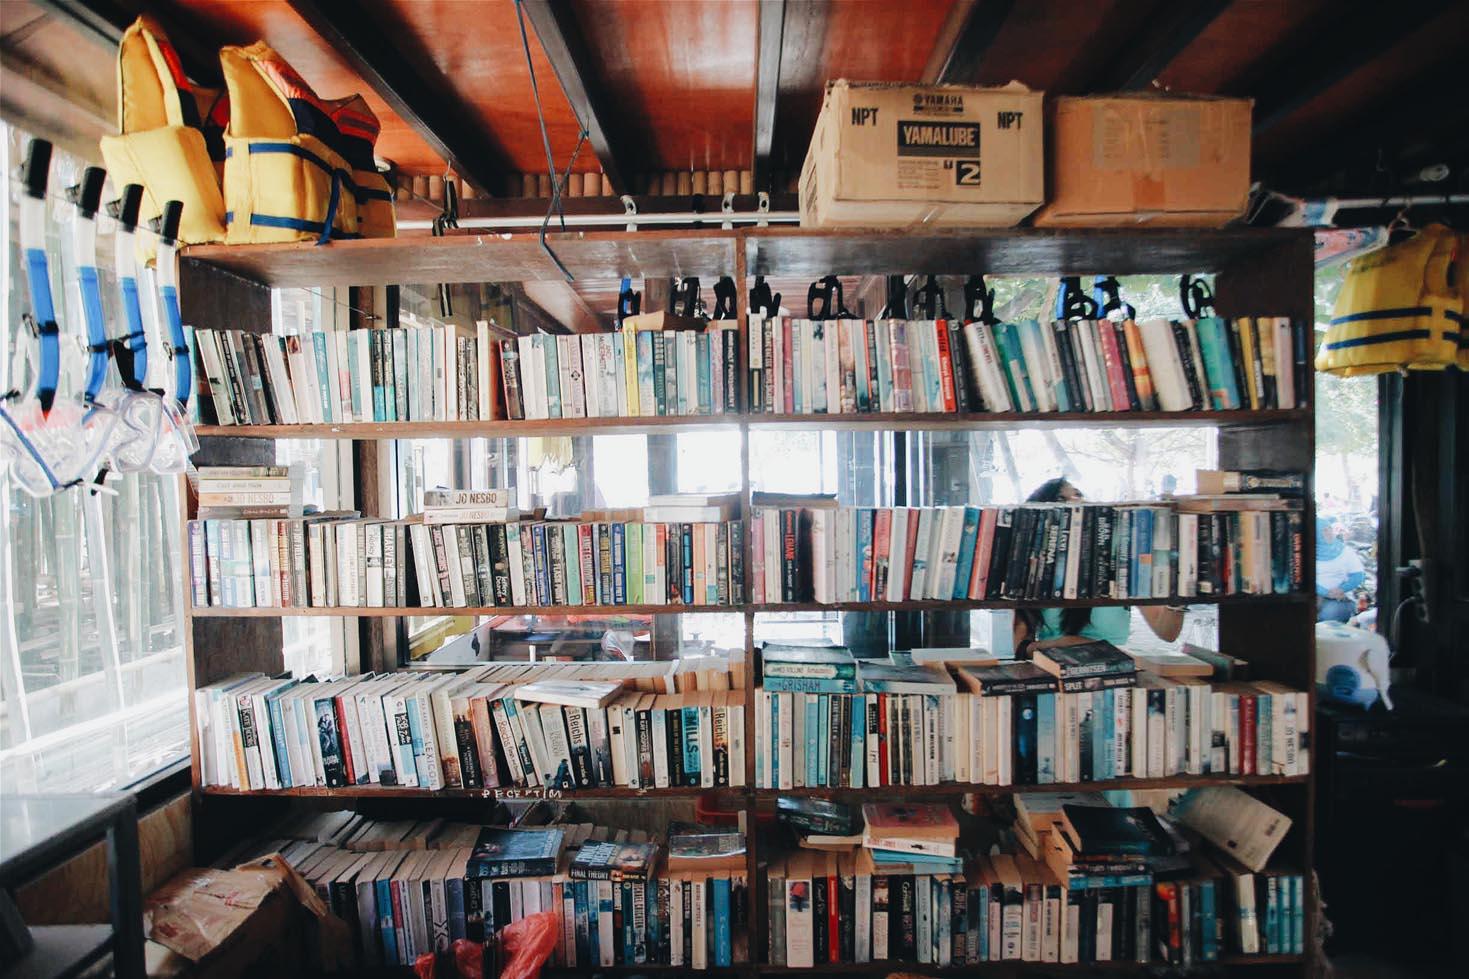 Koleksi buku berbagai bahasa